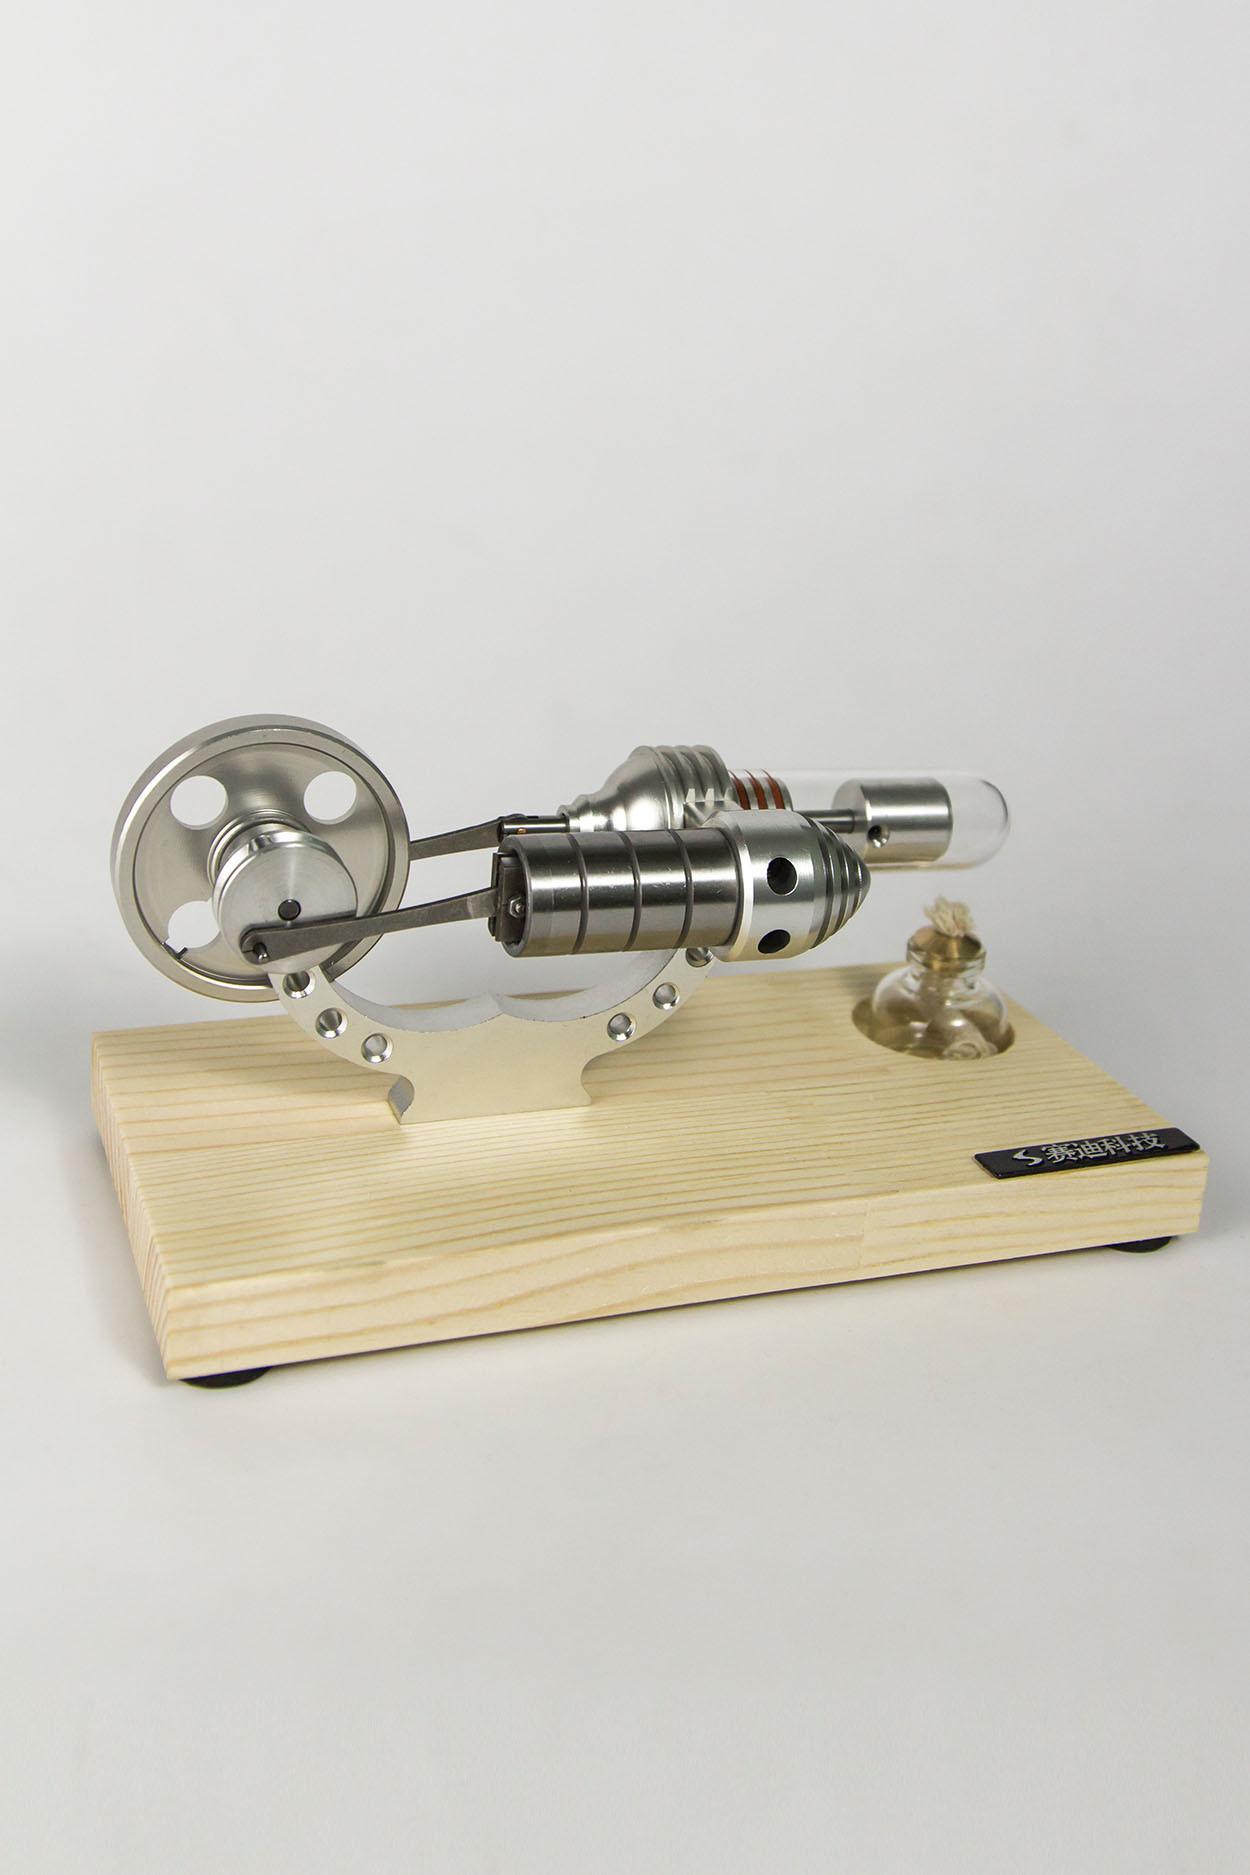 Двигатель Стирлинга на деревянной подставке